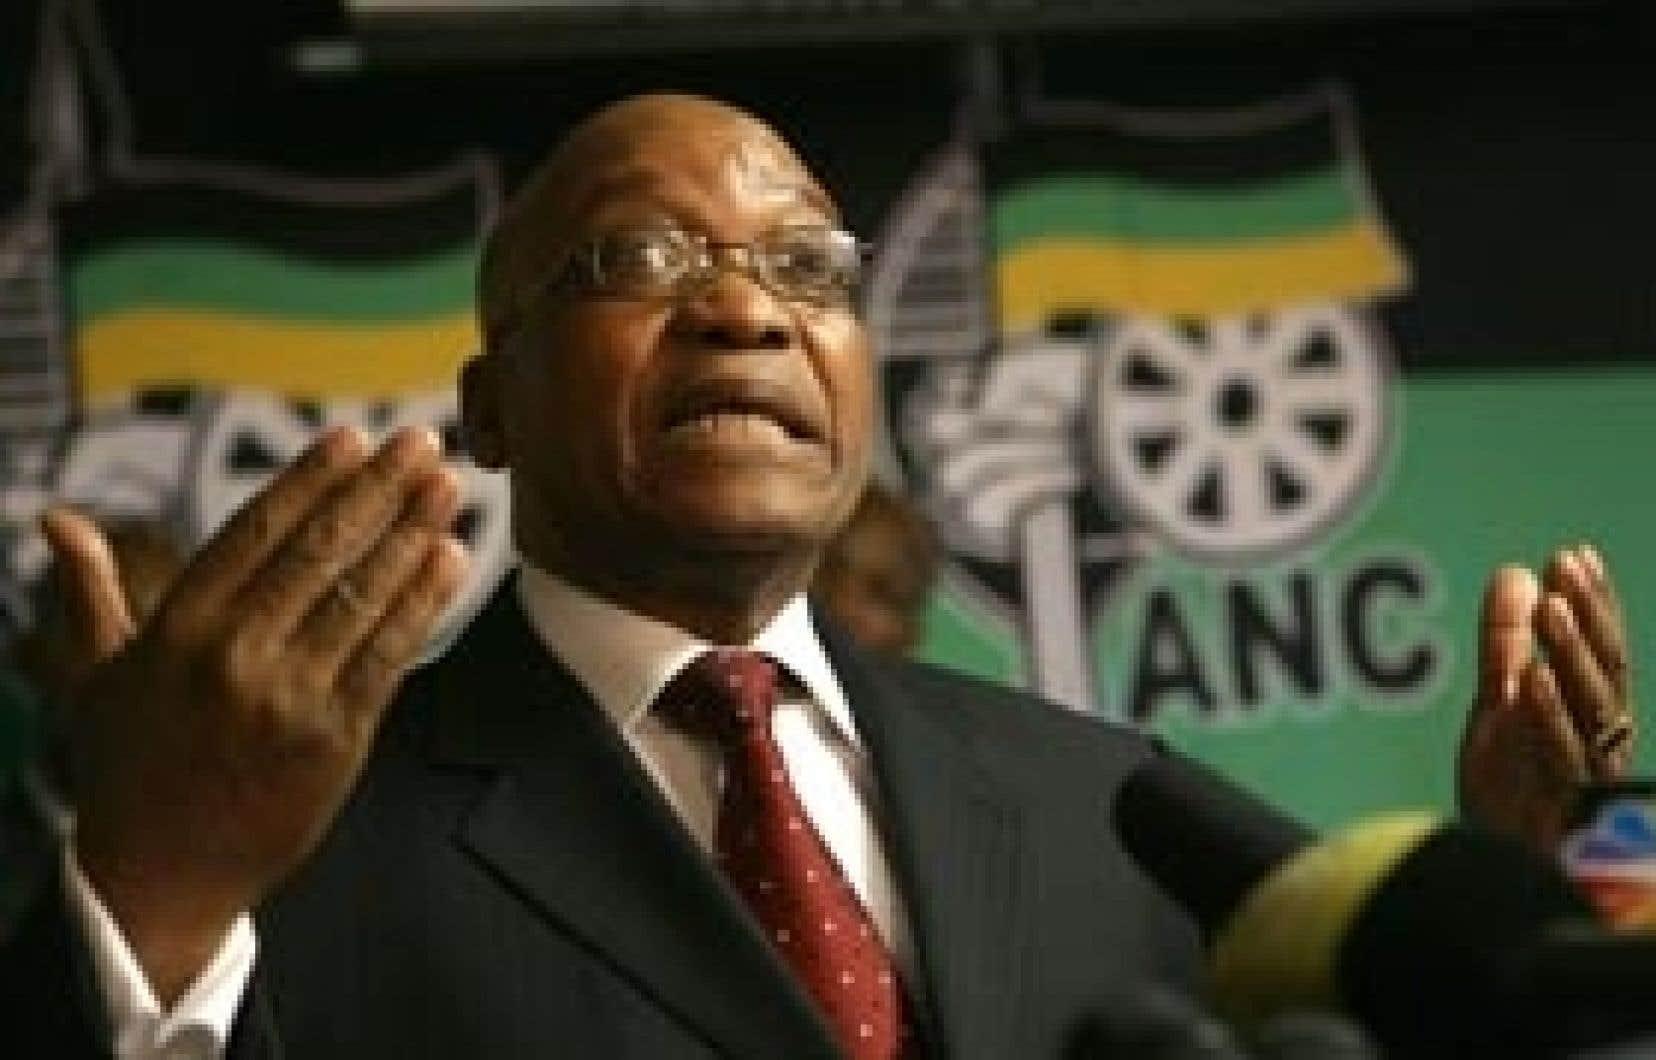 Le chef de l'ANC, Jacob Zuma, sera selon toute vraisemblance élu cette semaine président de l'Afrique du Sud.